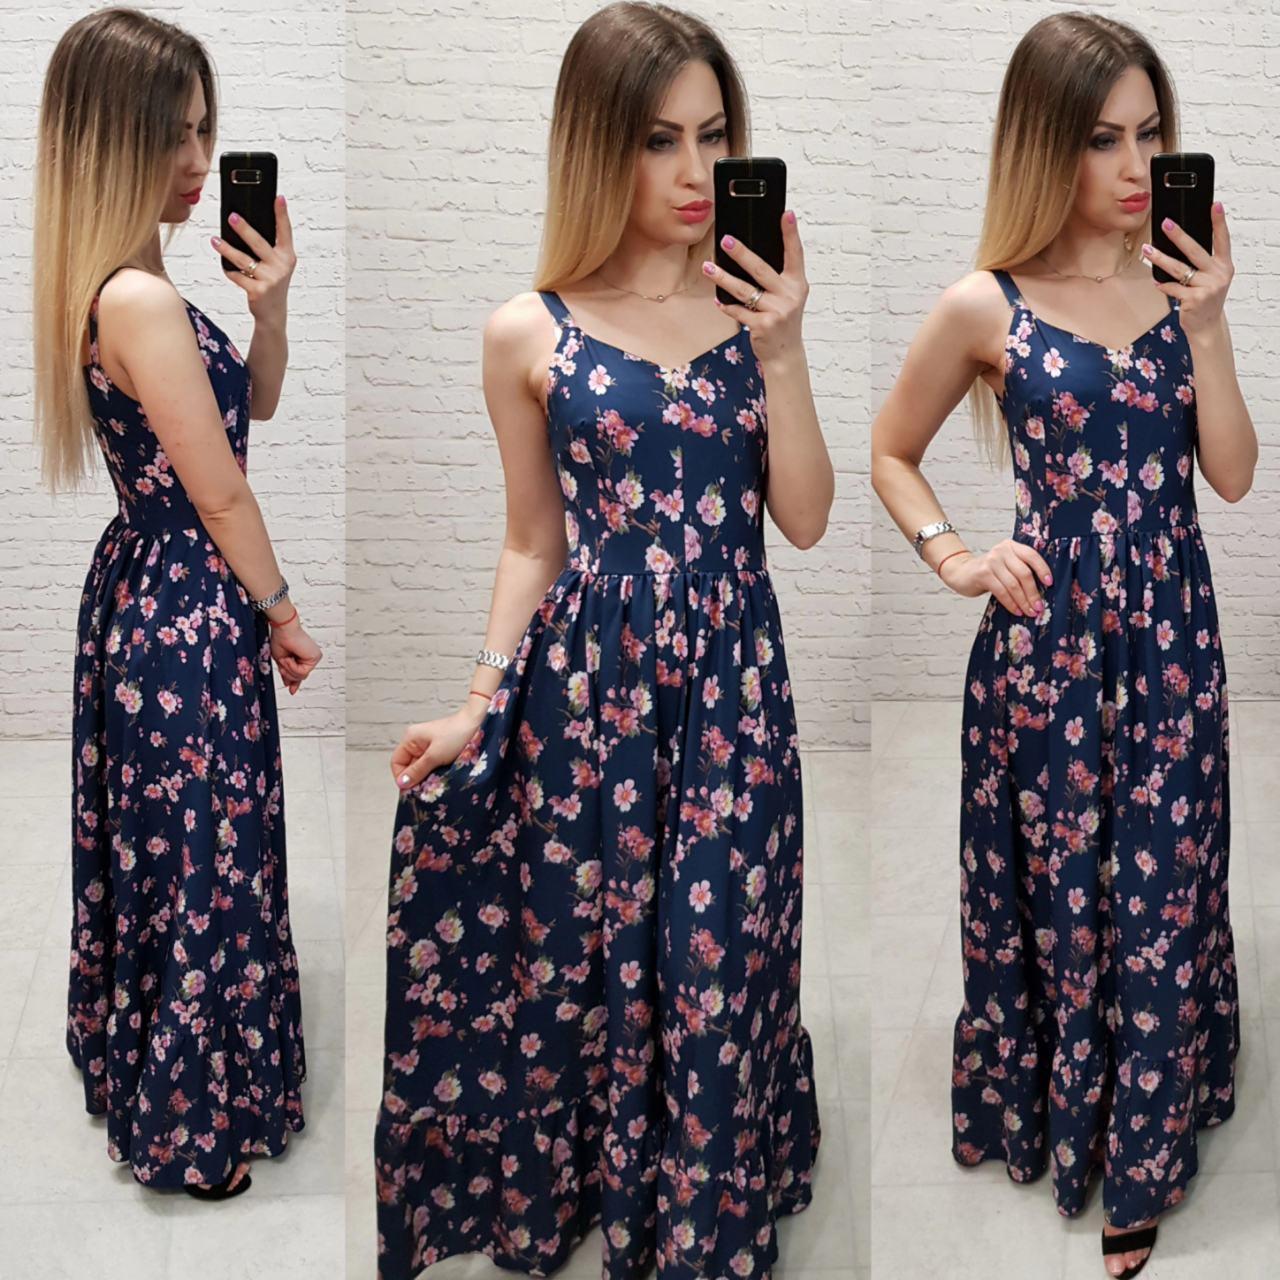 Летнее платье, сарафан арт.162 принт розовые цветы на темно-синем фоне